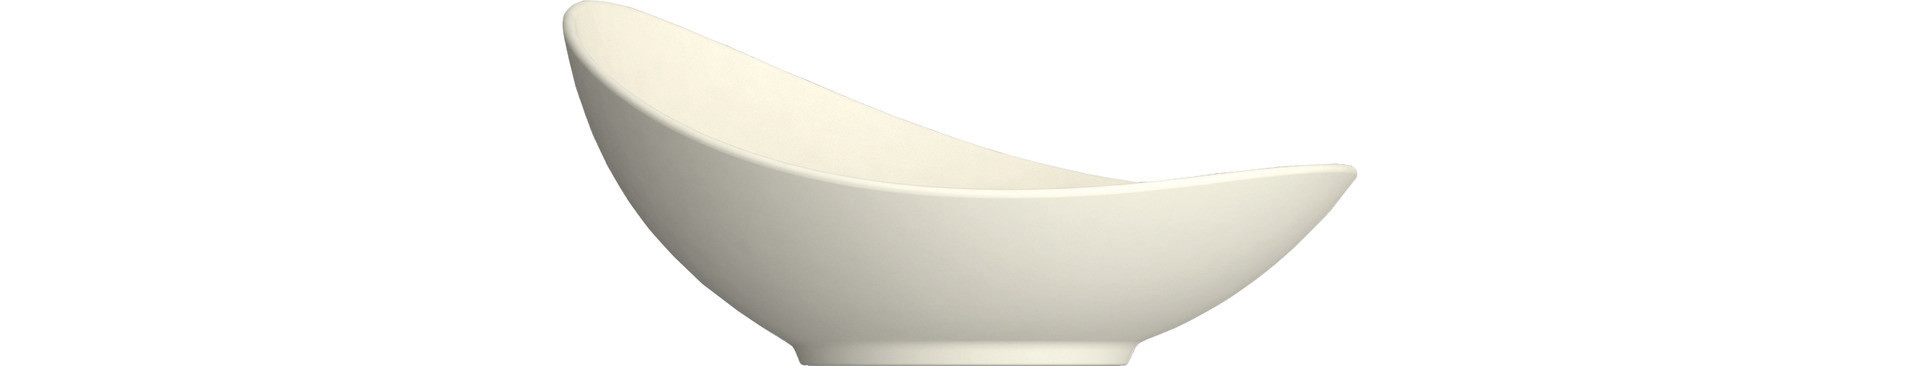 Purity, Schale asymmetrisch 174 x 165 mm / 0,35 l